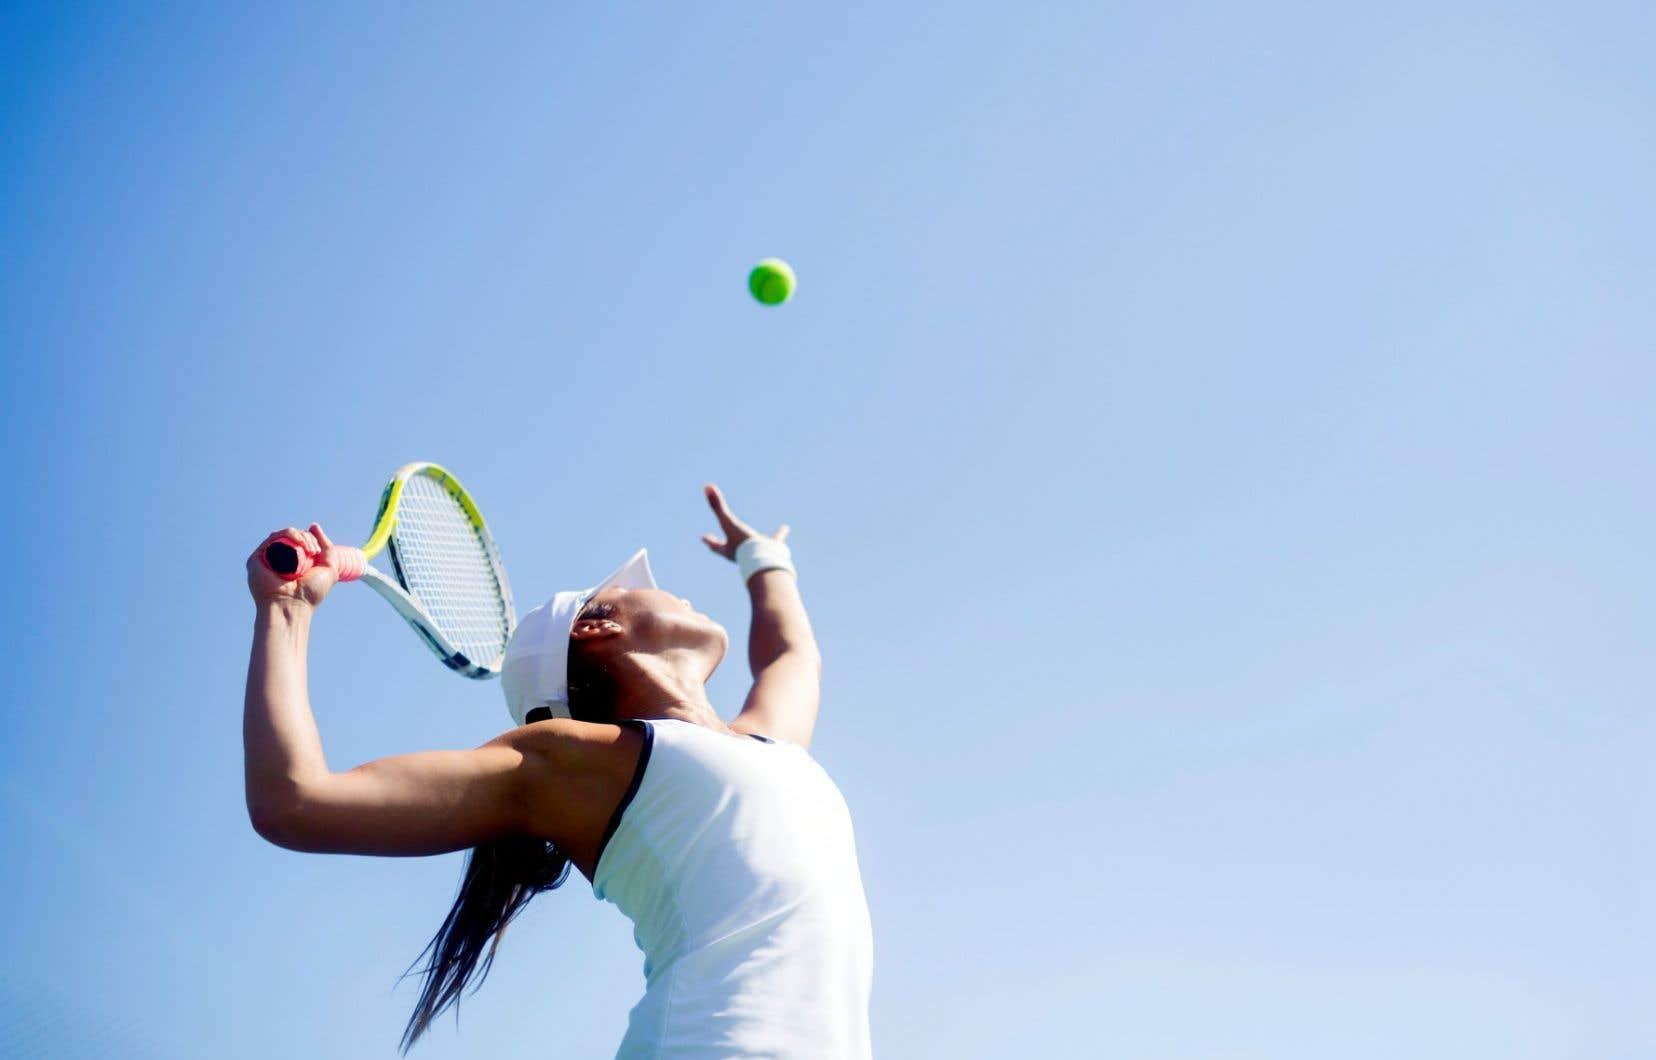 Les terrains de tennis rouvriront eux progressivement au cours des deux prochaines semaines et seule la pratique libre en simple y sera autorisée.